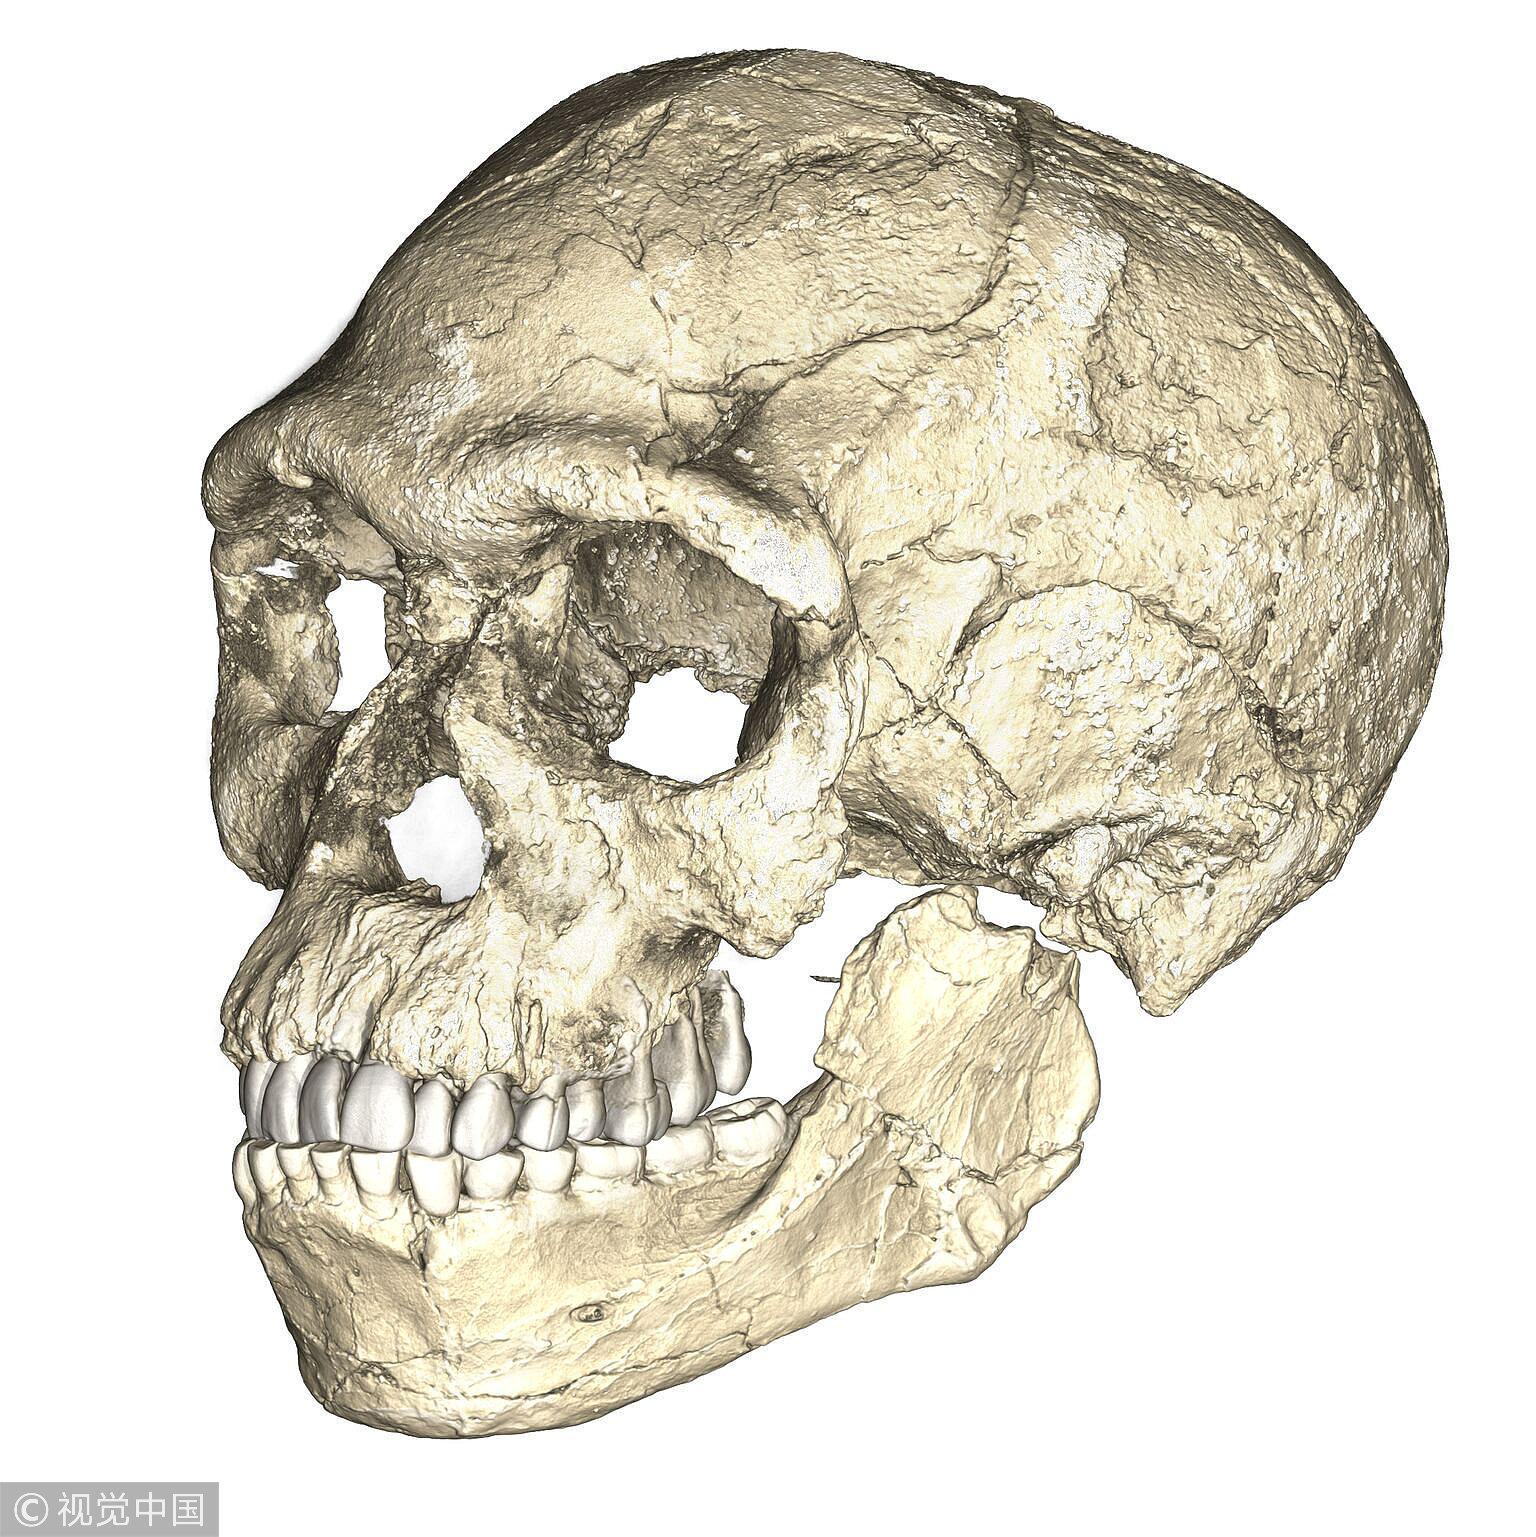 2017年6月发现的最早的智人化石,显示出智人的大脑形状和功能都在随着进化历程改变 / 视觉中国